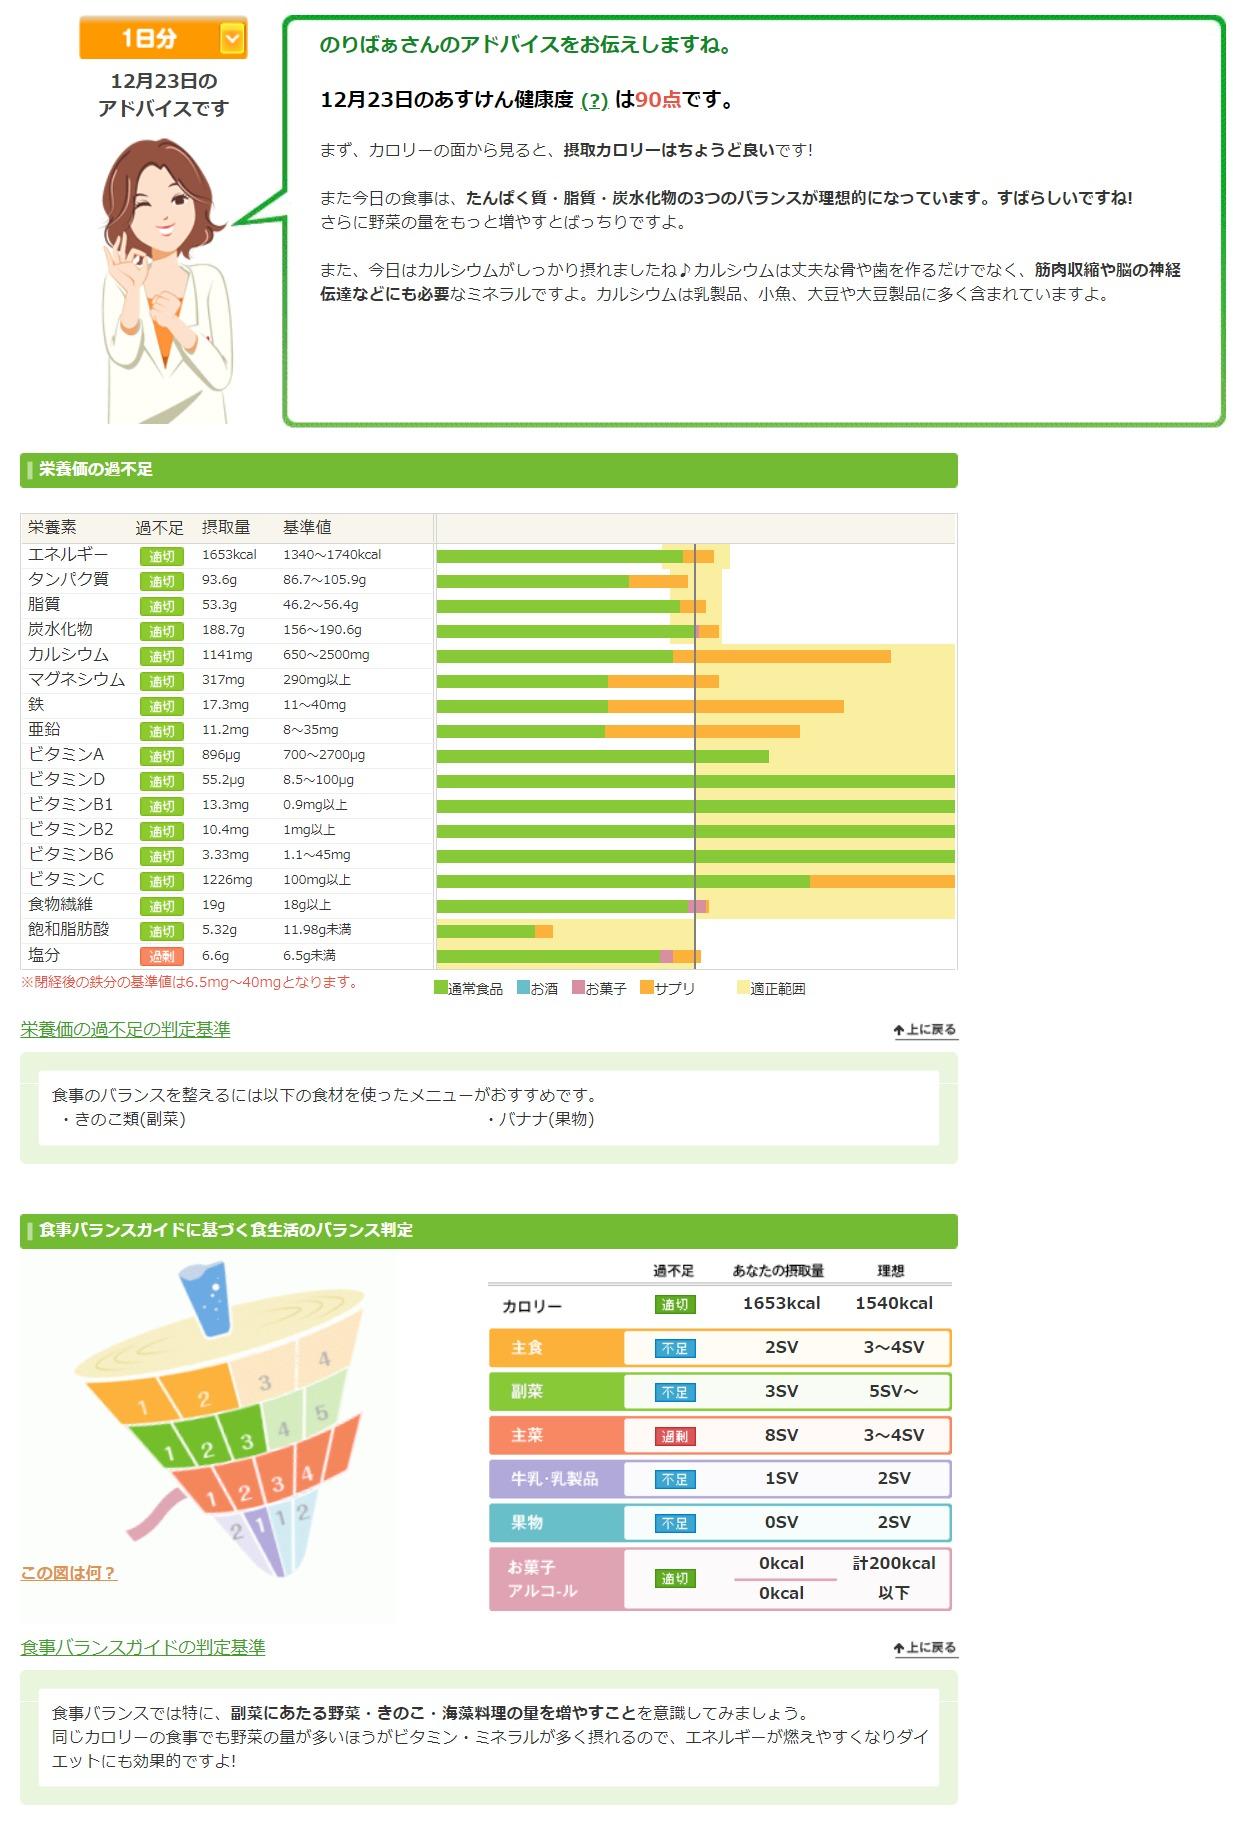 あすけんアドバイス_201223